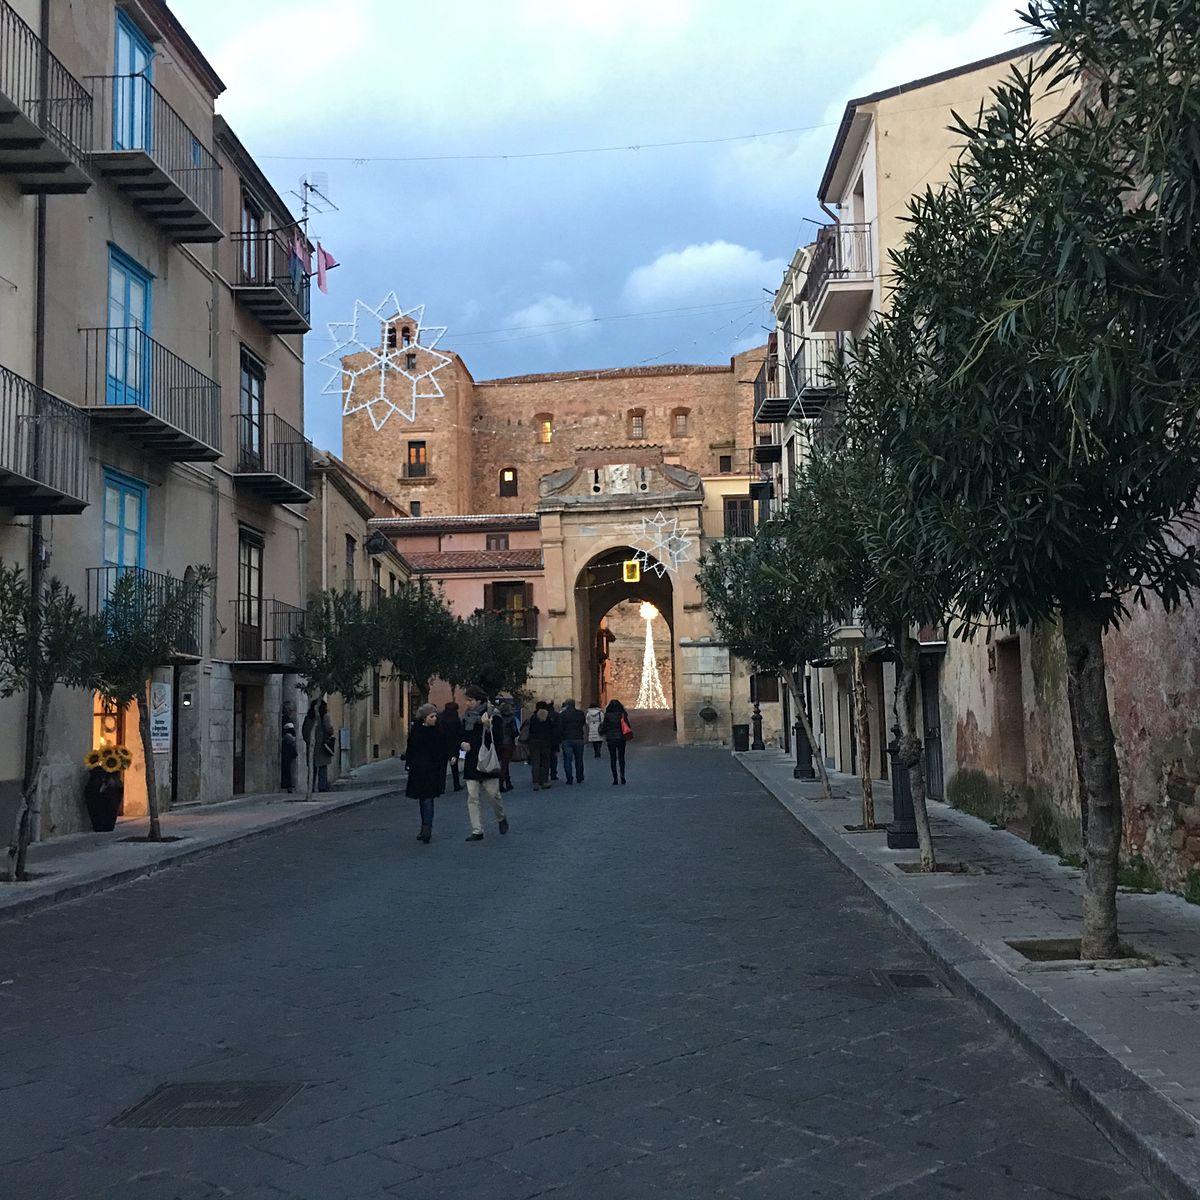 A And M Auto >> Castelbuono - Wikivoyage, guida turistica di viaggio